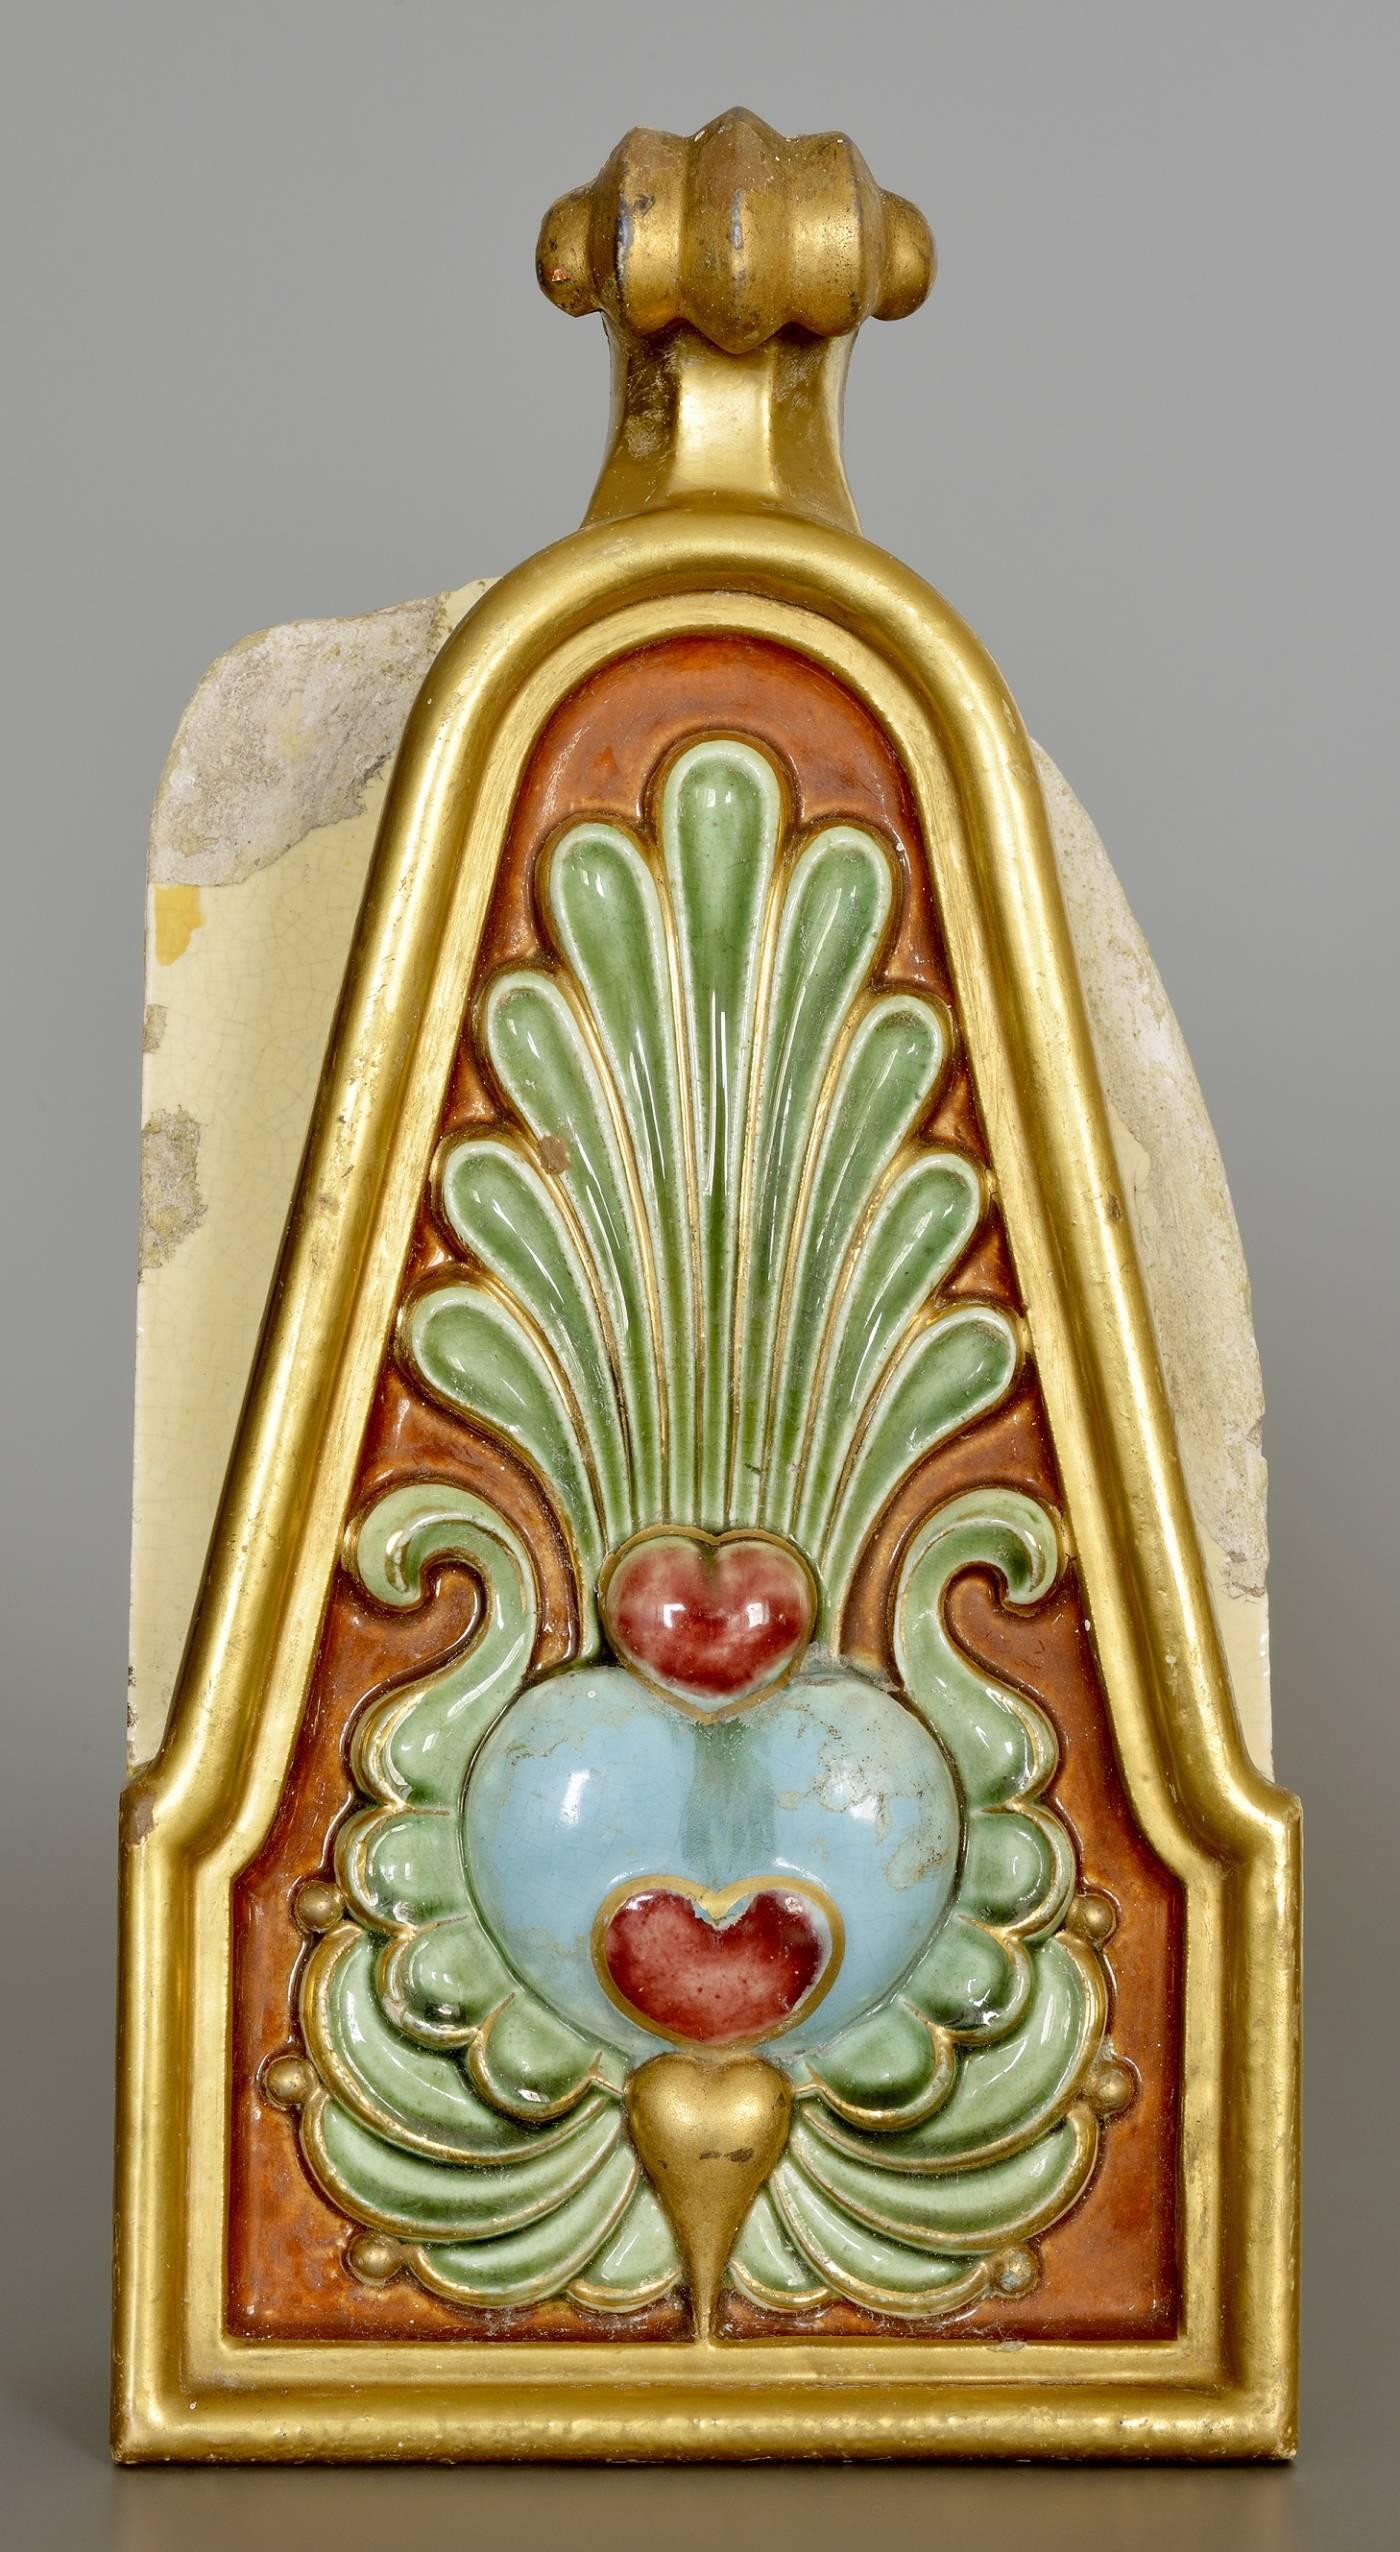 A Szent István-terem kandallókürtőjének eredeti csempéje